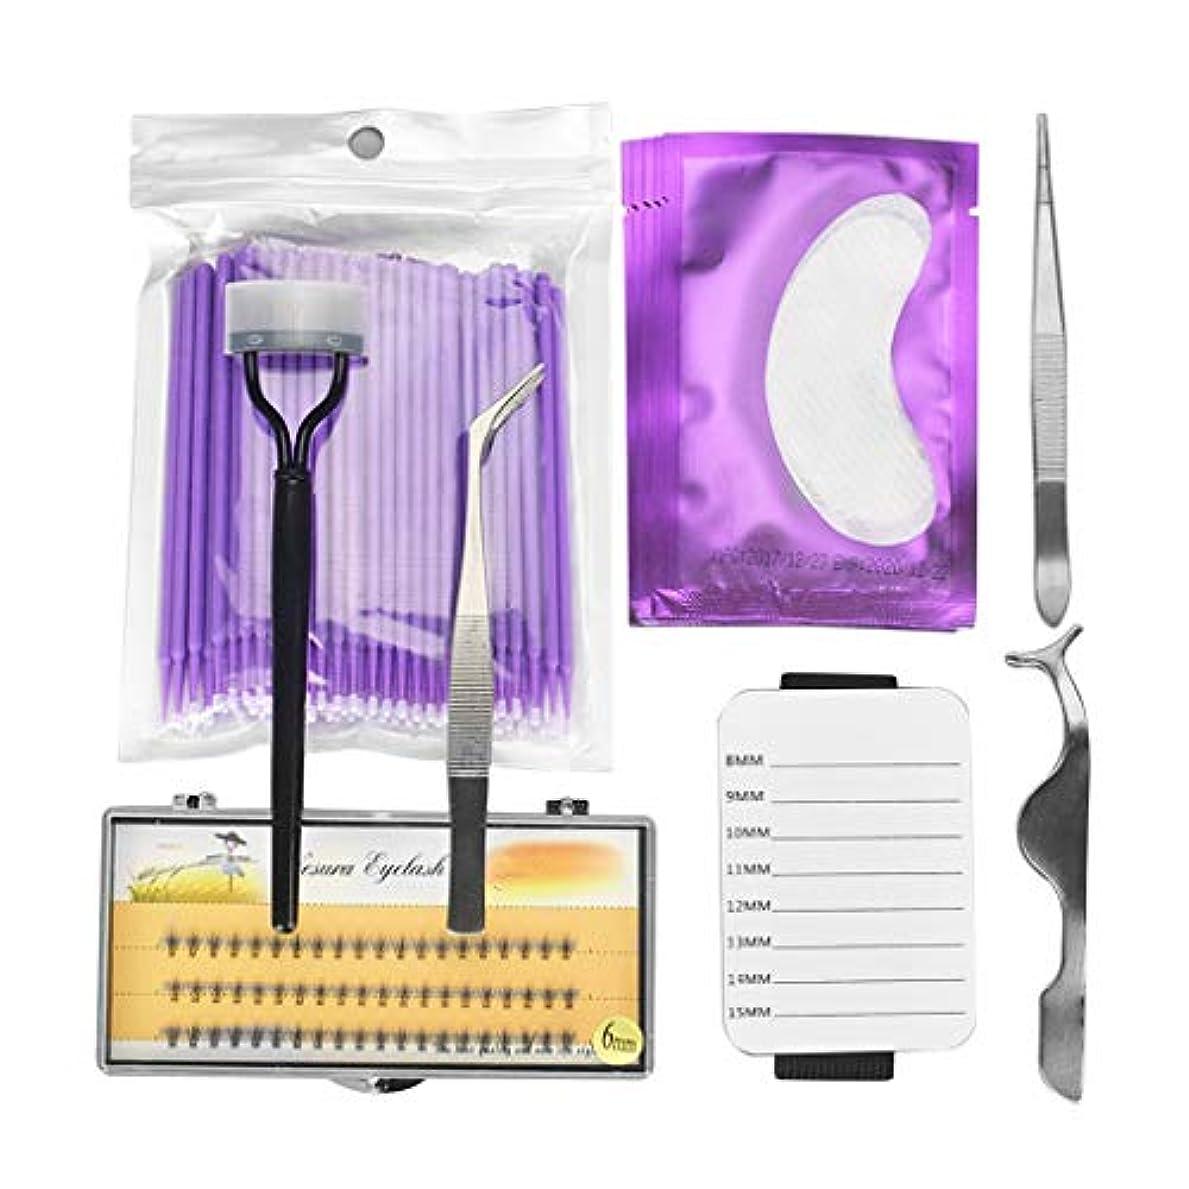 説得複数びっくりPerfeclan 全5色 アイメイク ラッシュ延長 つけまつげ 精密ピンセット ツイーザー まつげパレットホルダー - 紫